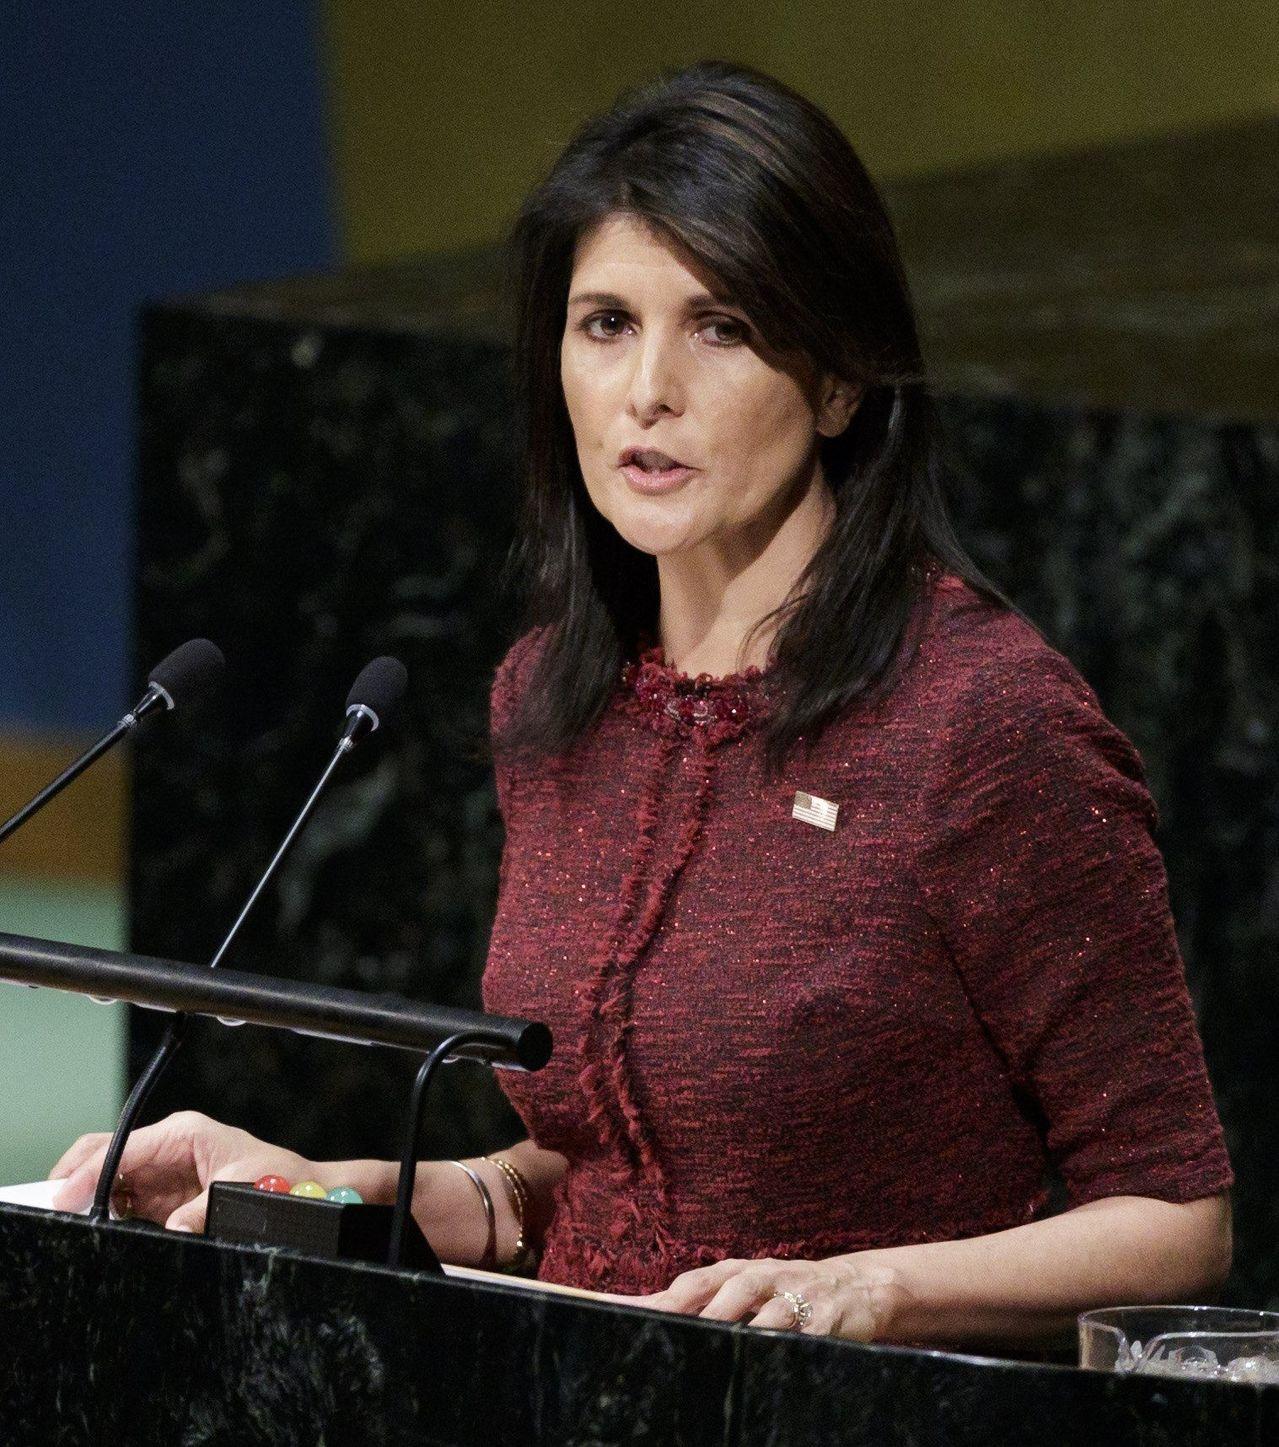 美國駐聯合國大使海理:「美國會記住這一天,在聯合國大會上被群起攻之。」(圖/歐新...